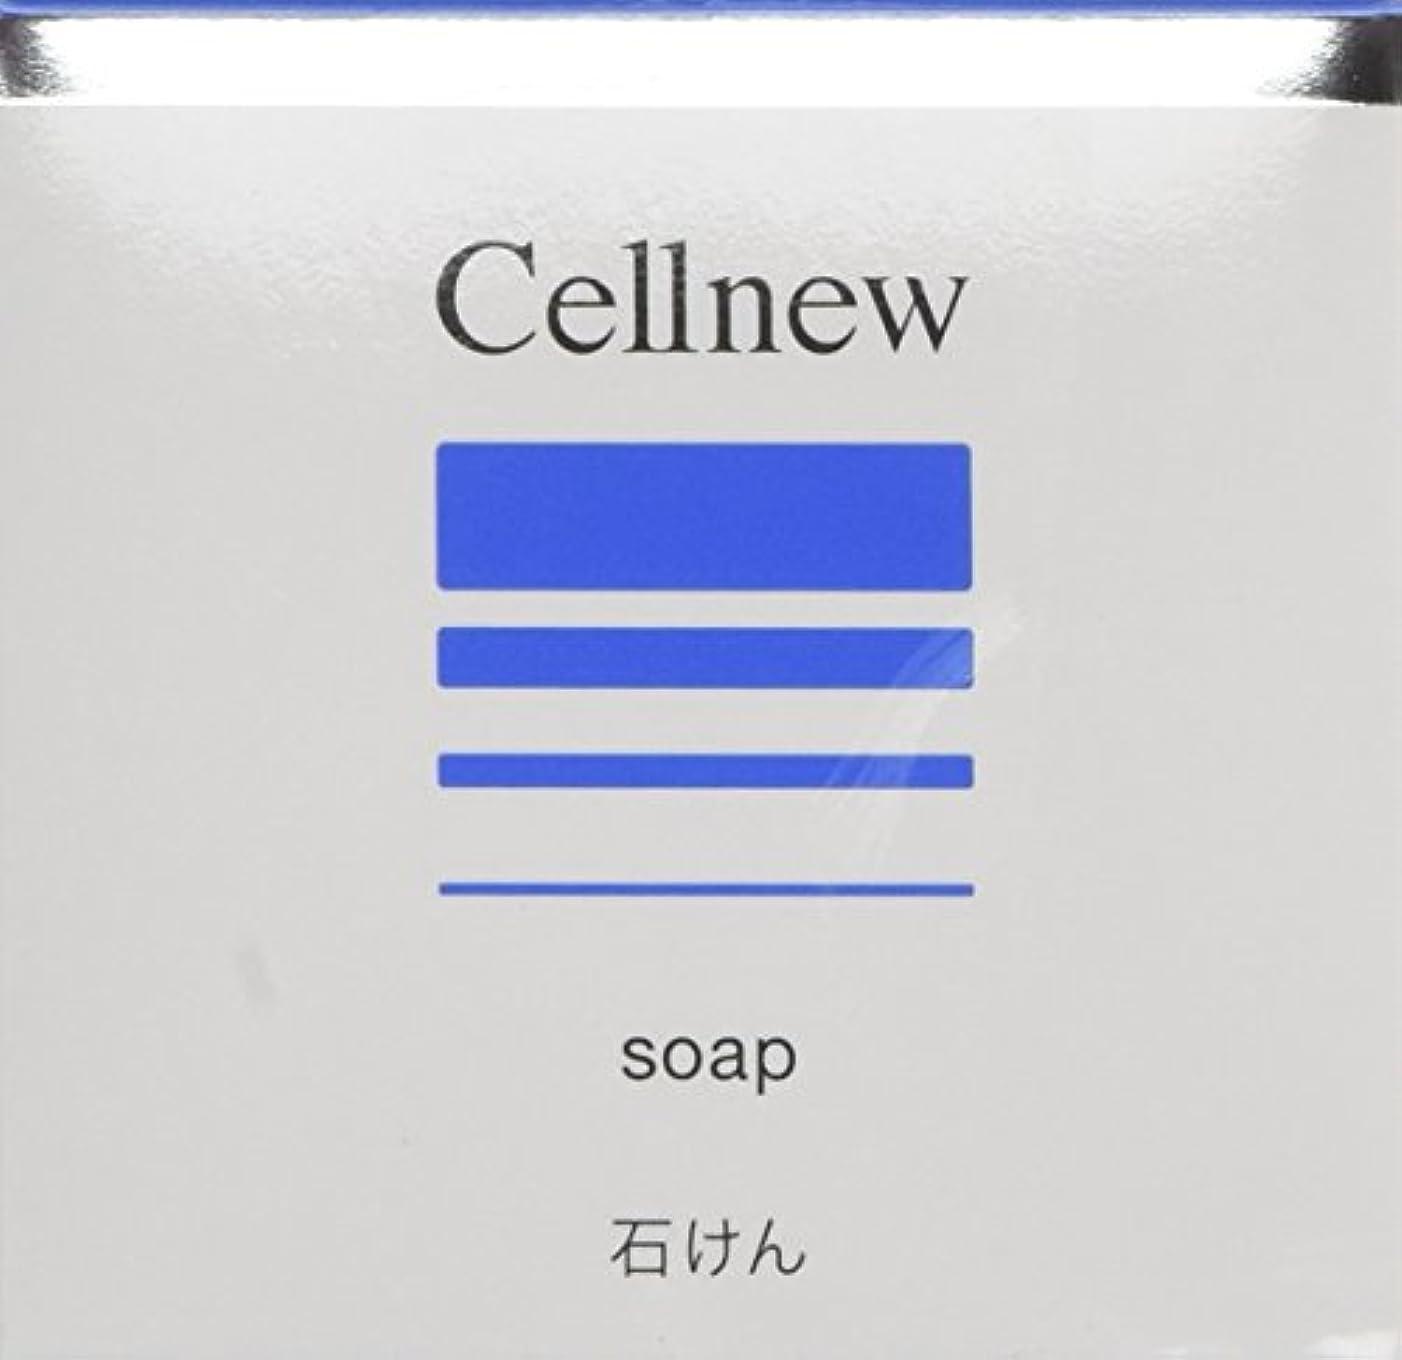 製造虚栄心フランクワースリーセルニュー ソープ 80g [CN]【洗顔石鹸?洗顔せっけん】